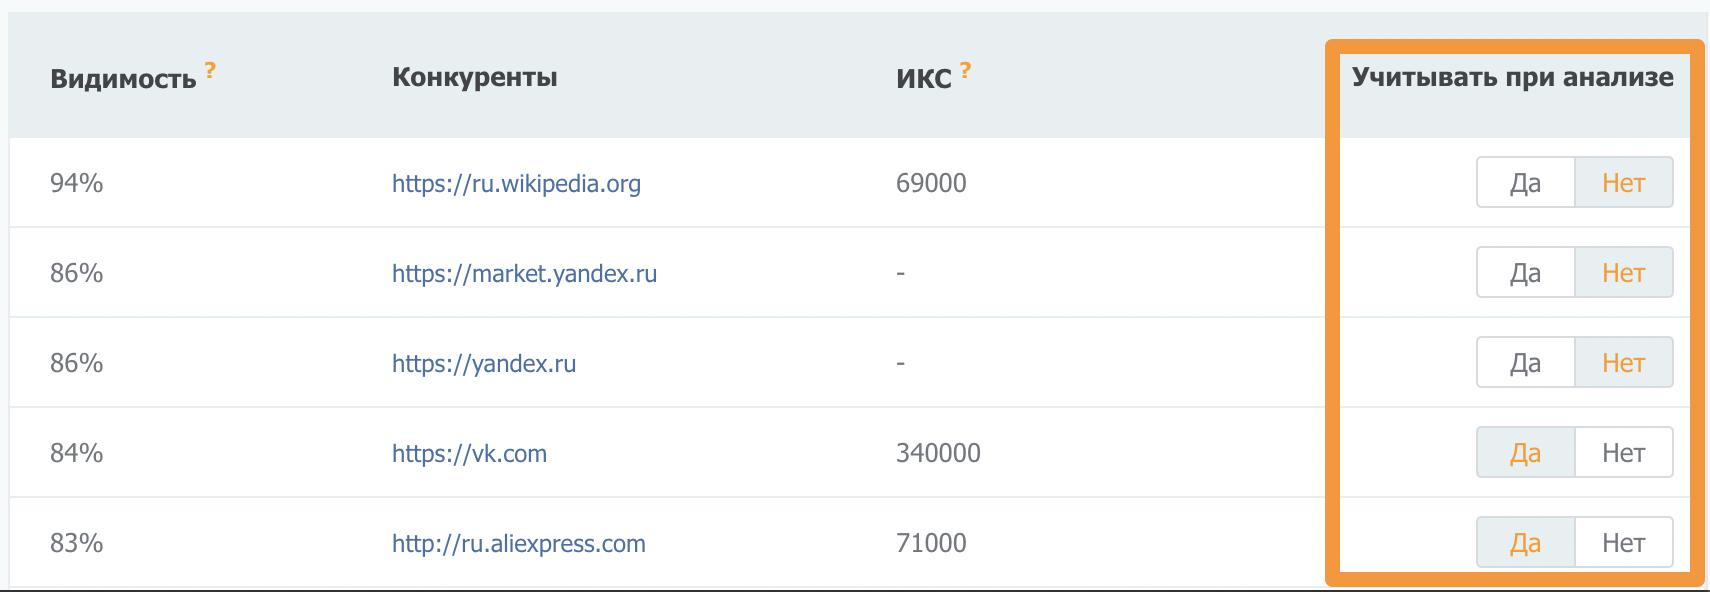 Выключение доменов конкурентов, нерелевантных для текстового анализа.